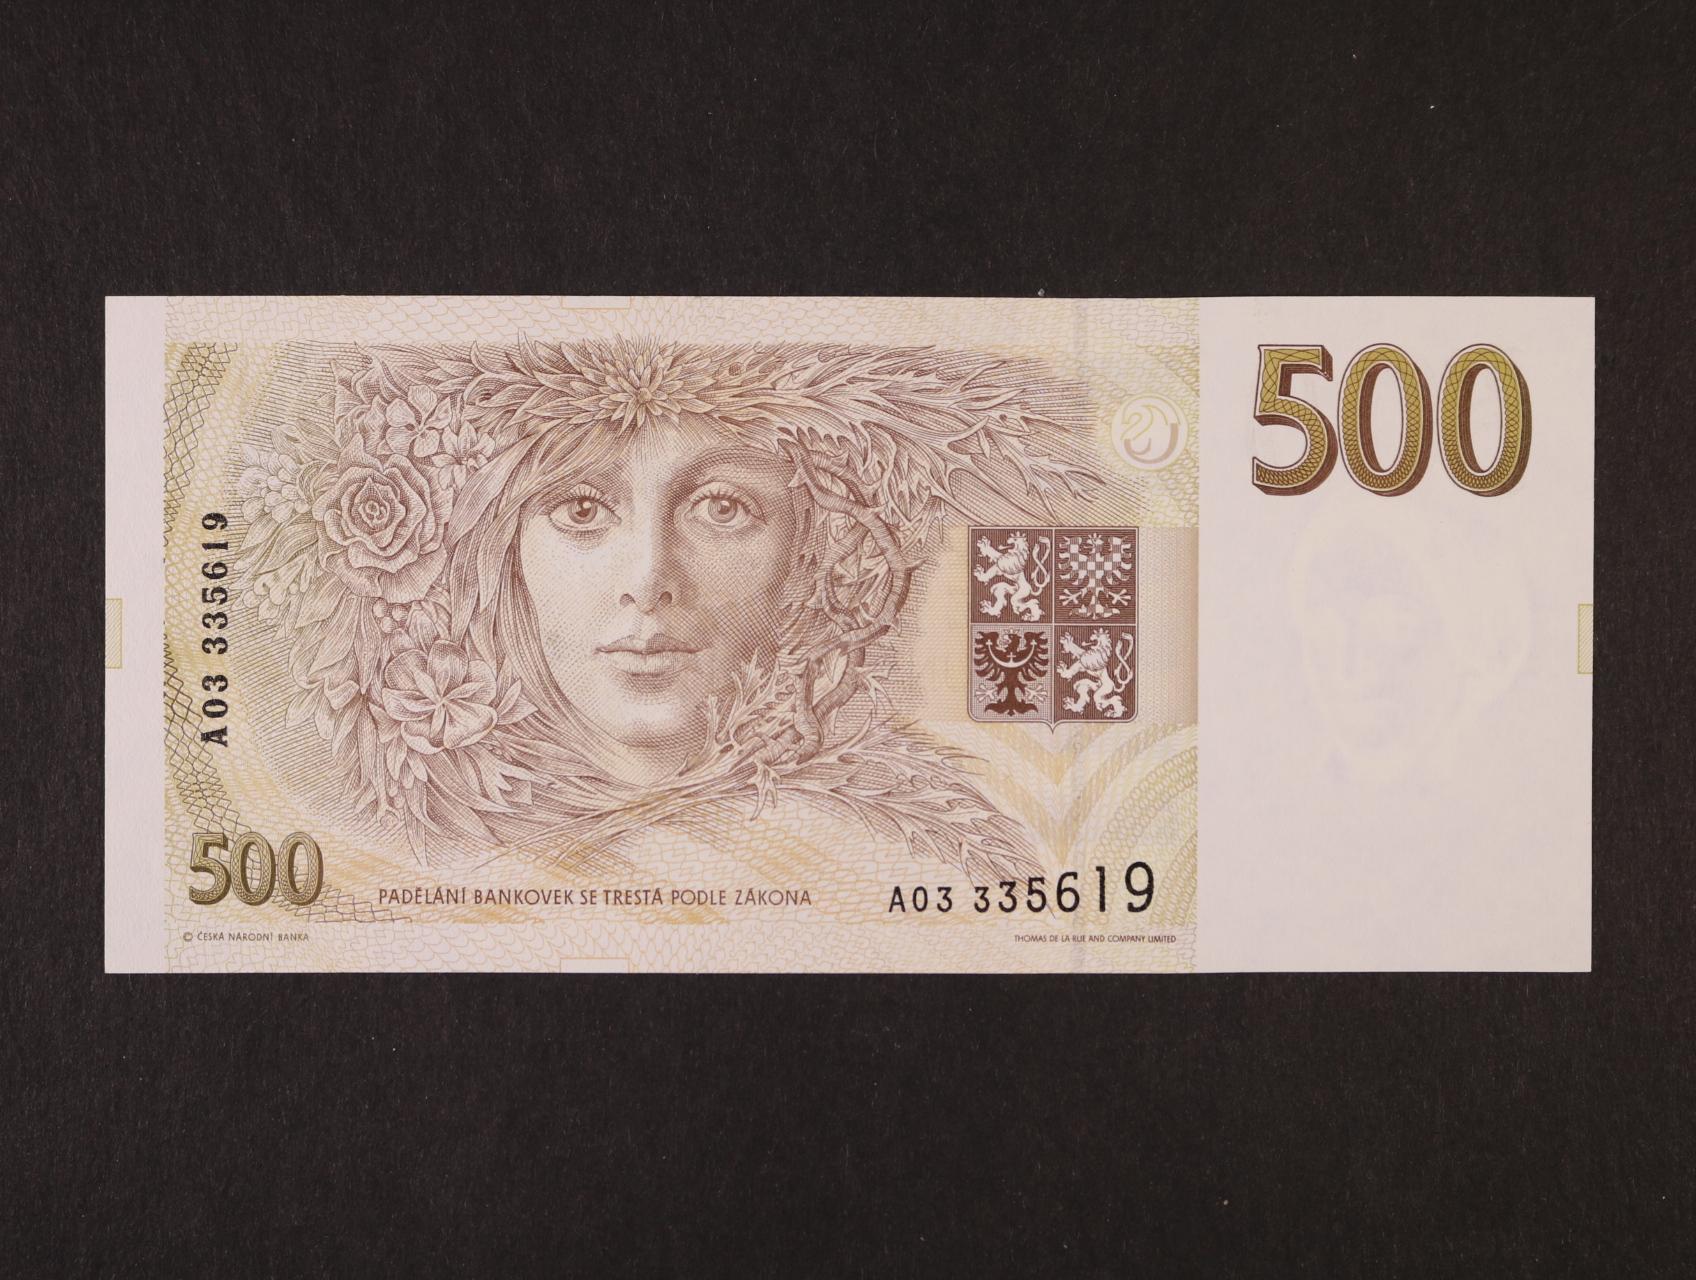 500 Kč 1993 série A 03, Ba. CZ 7a, Pi. 7a